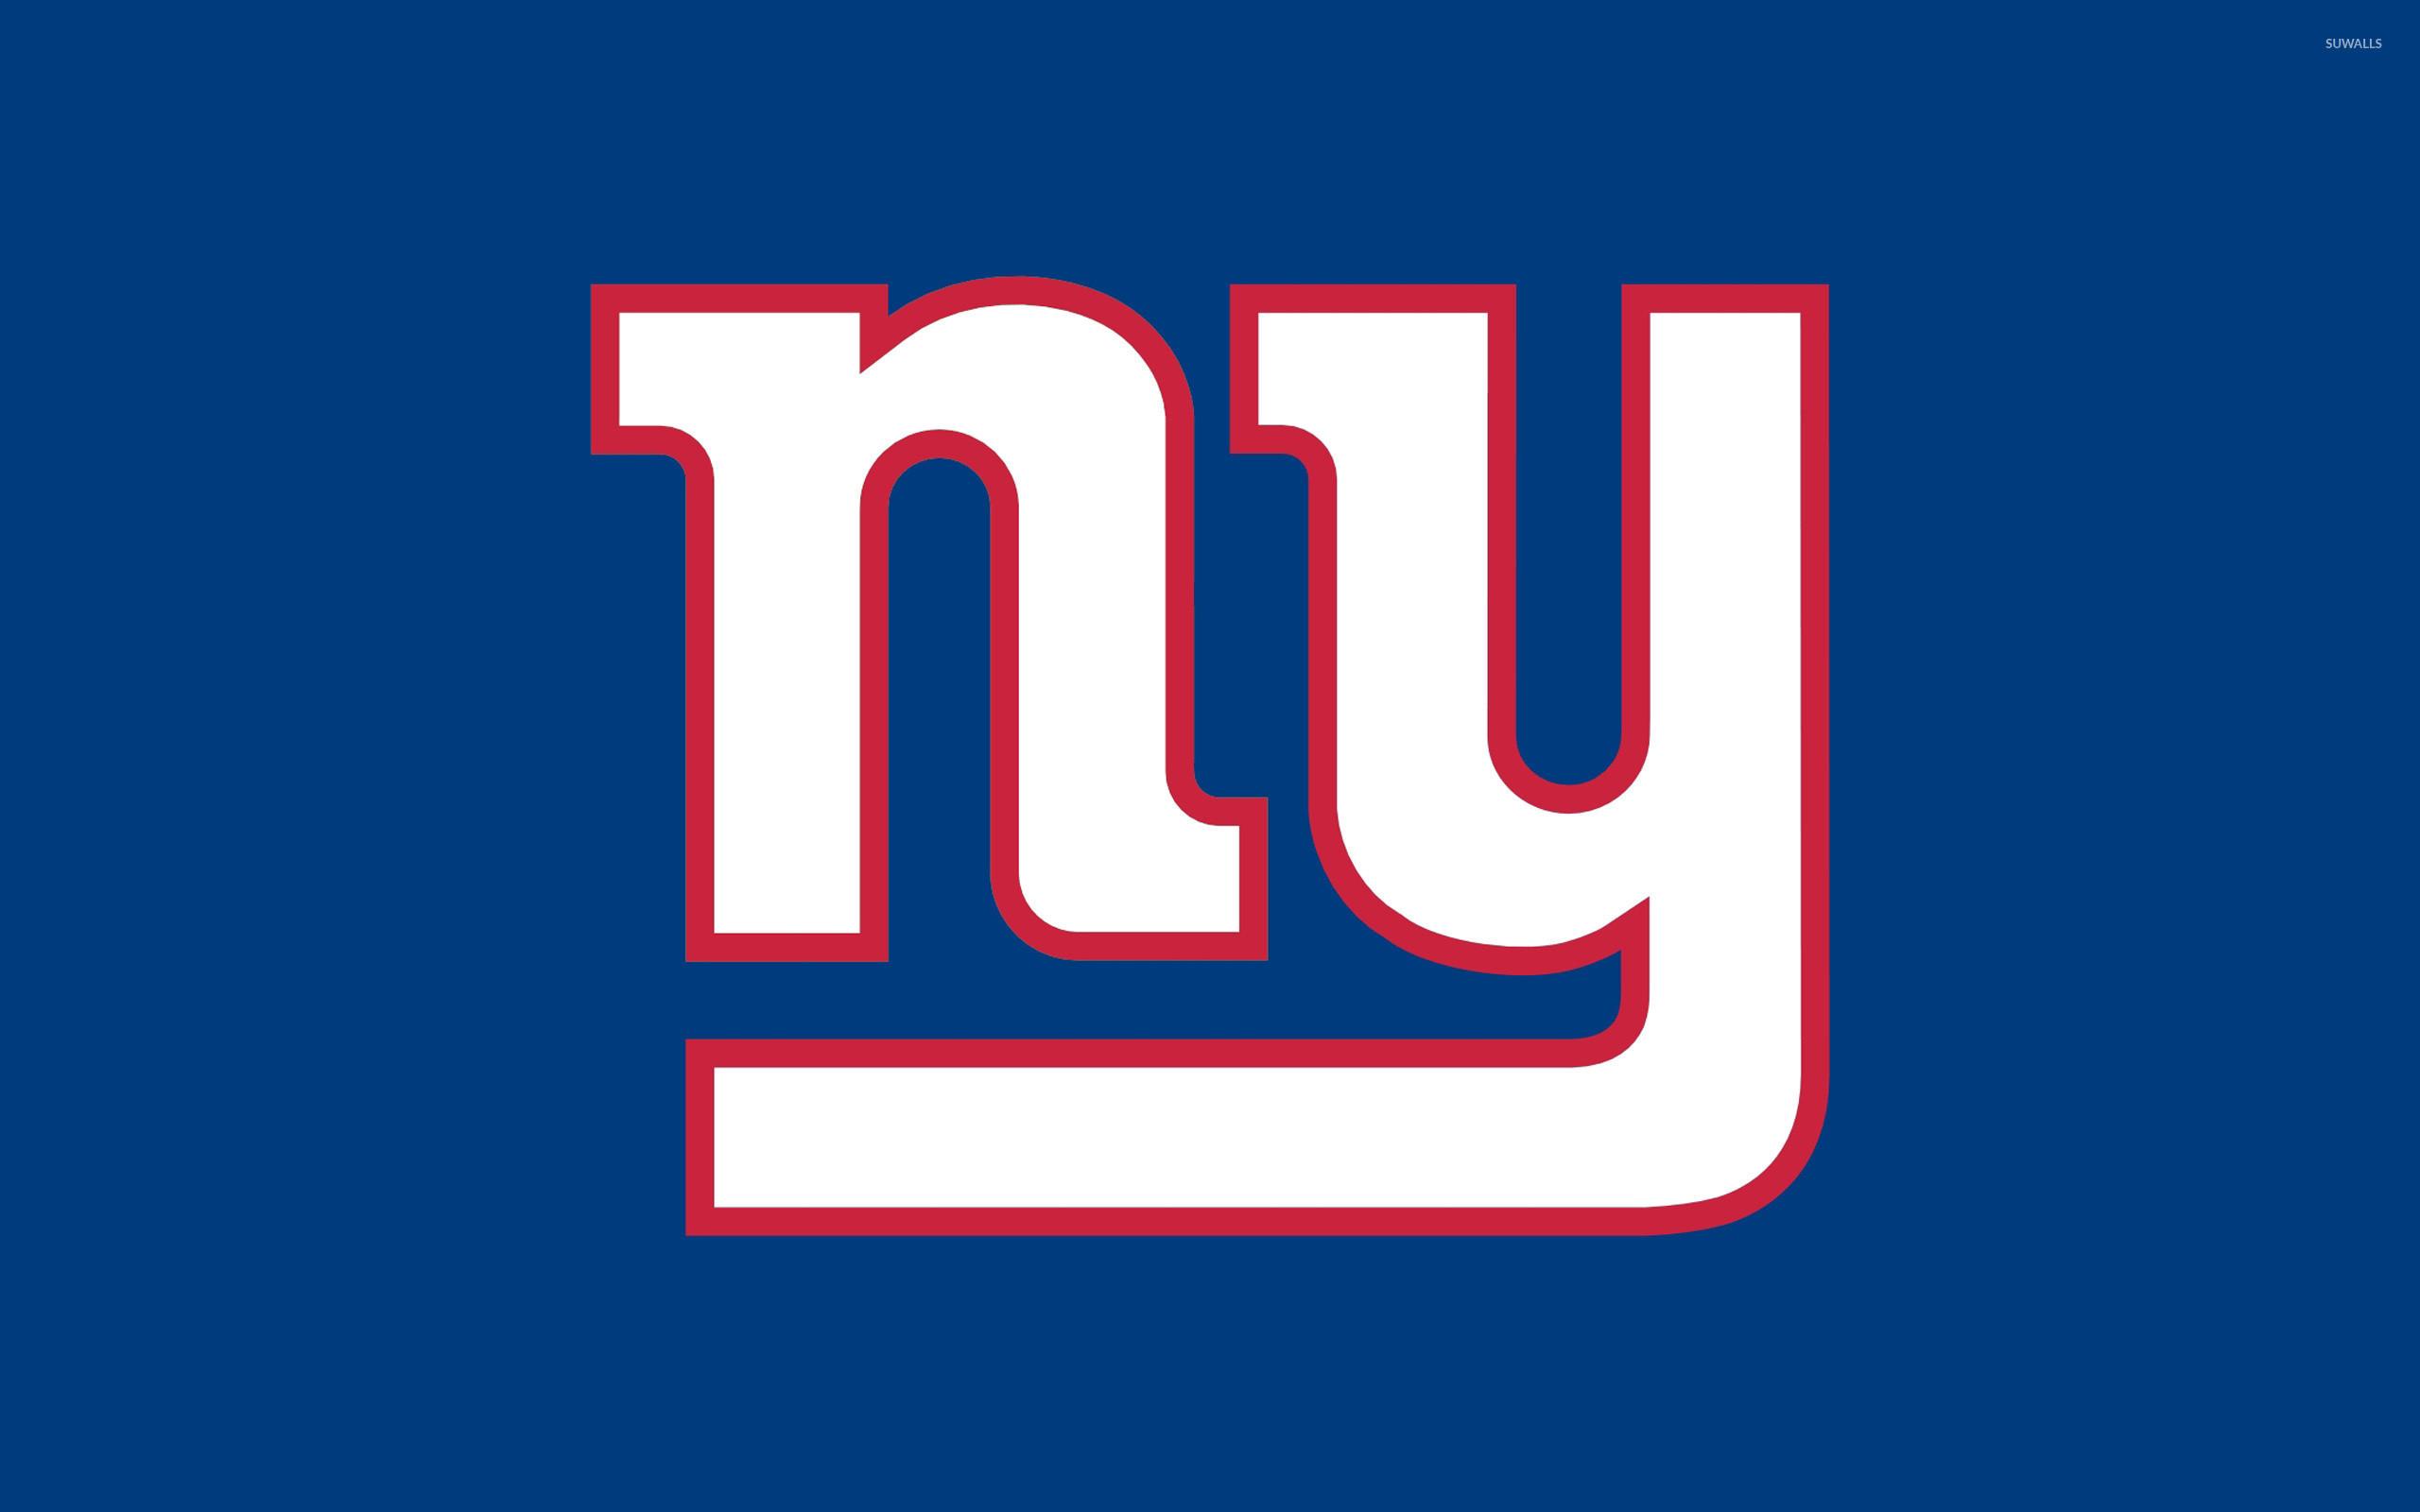 New York Giants logo wallpaper